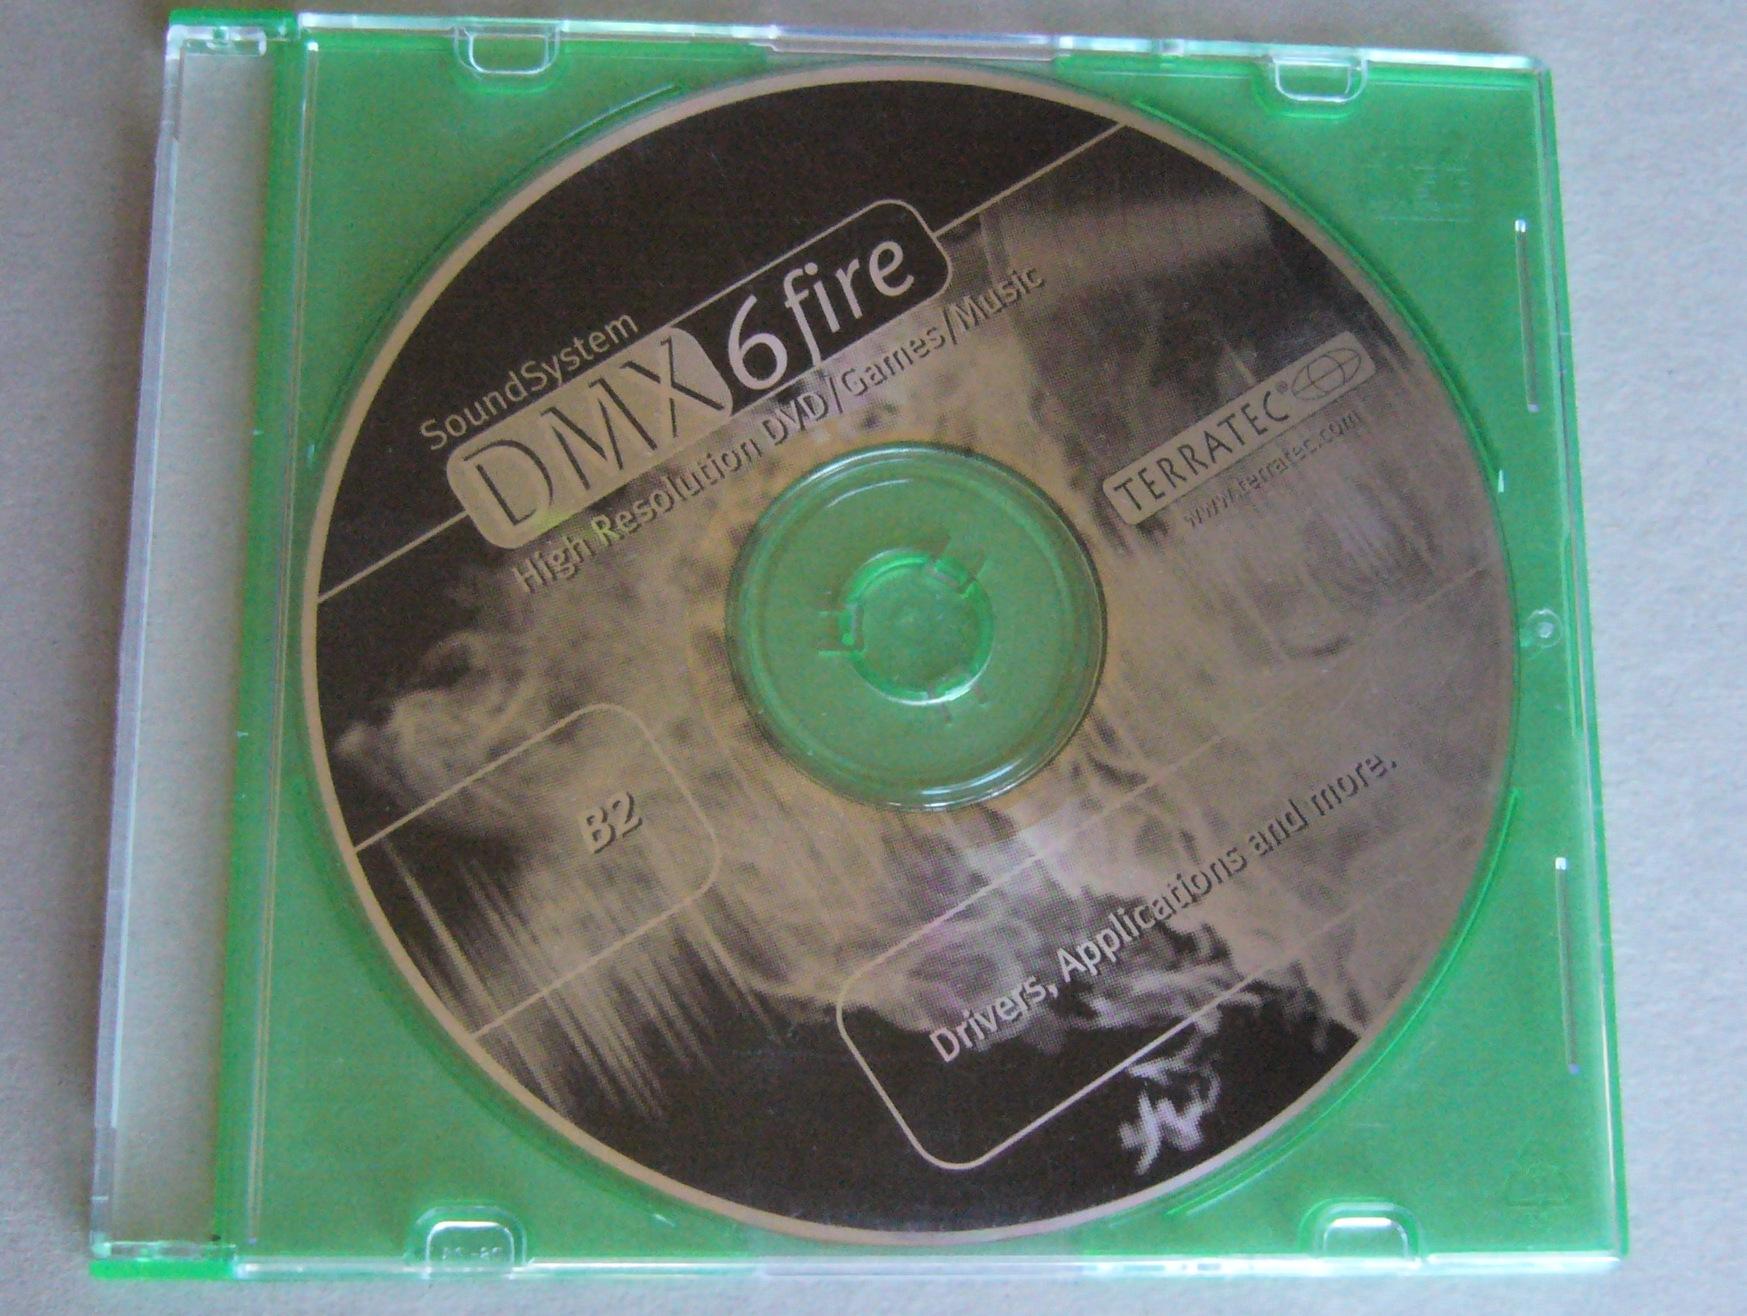 TERRATEC SOUNDSYSTEM DMX 6FIRE DRIVER FOR PC